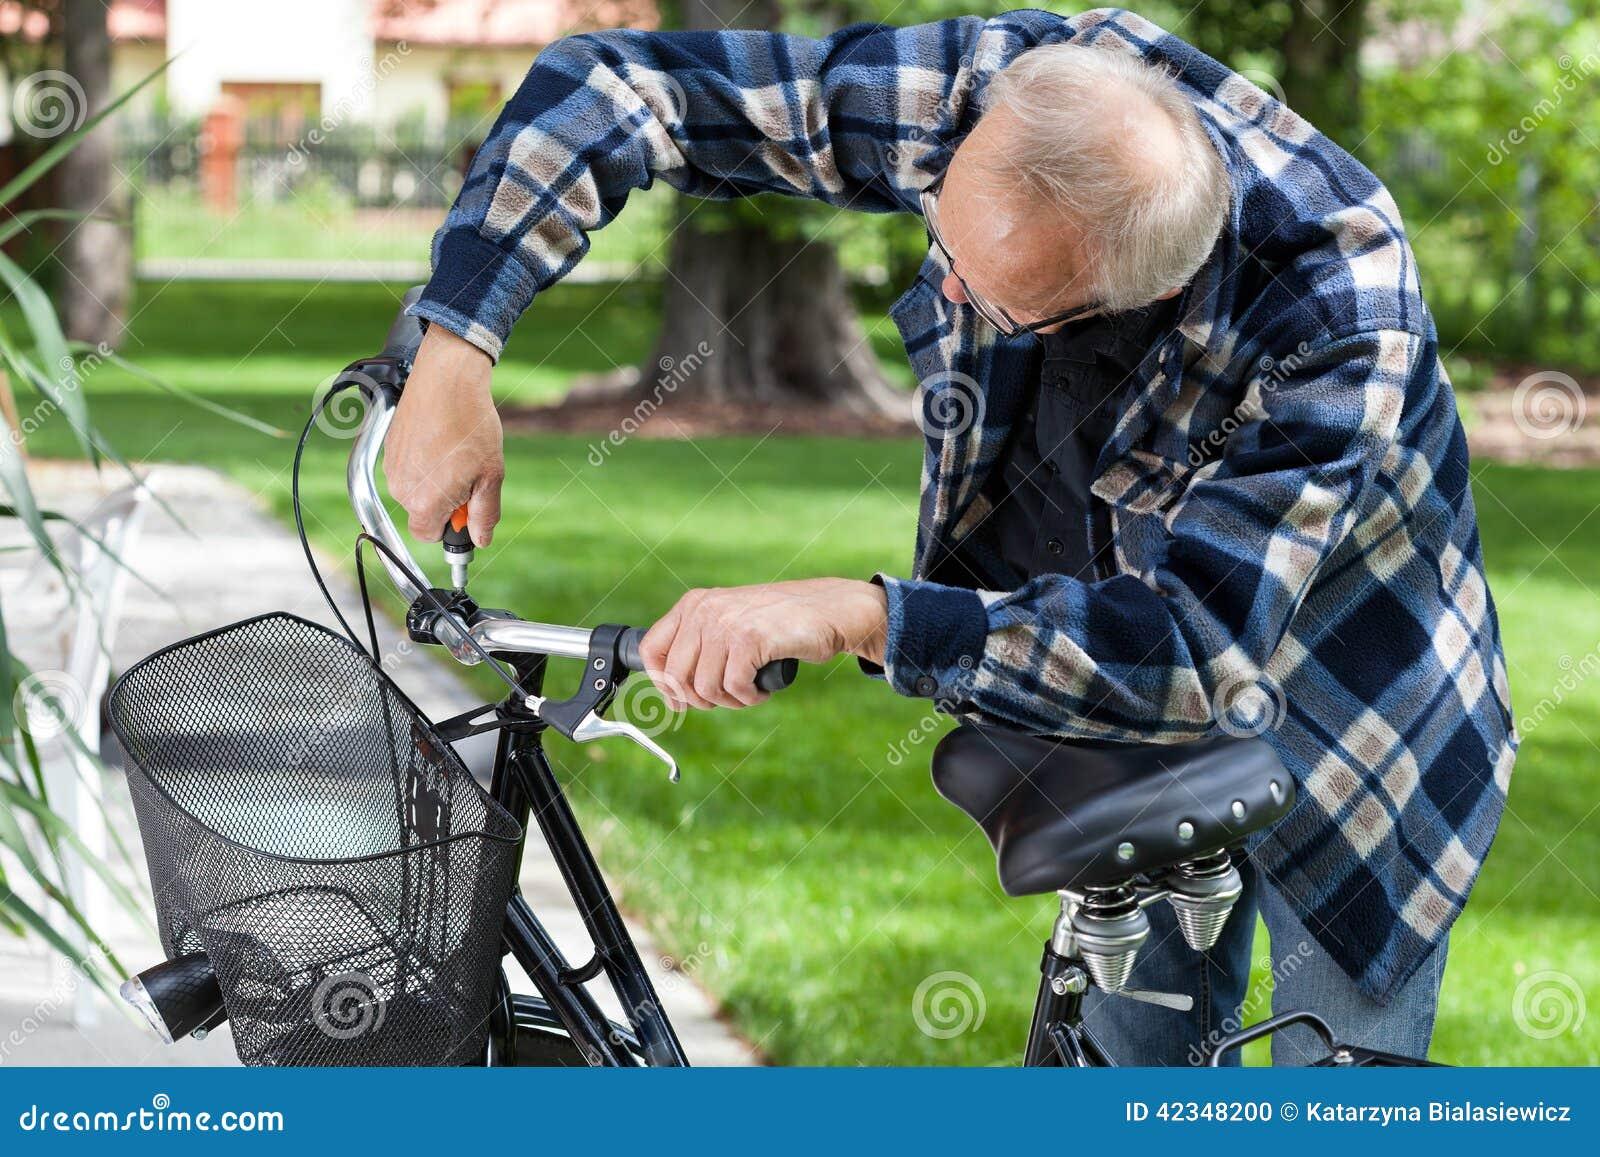 Handyman repairing bicycle handlebar